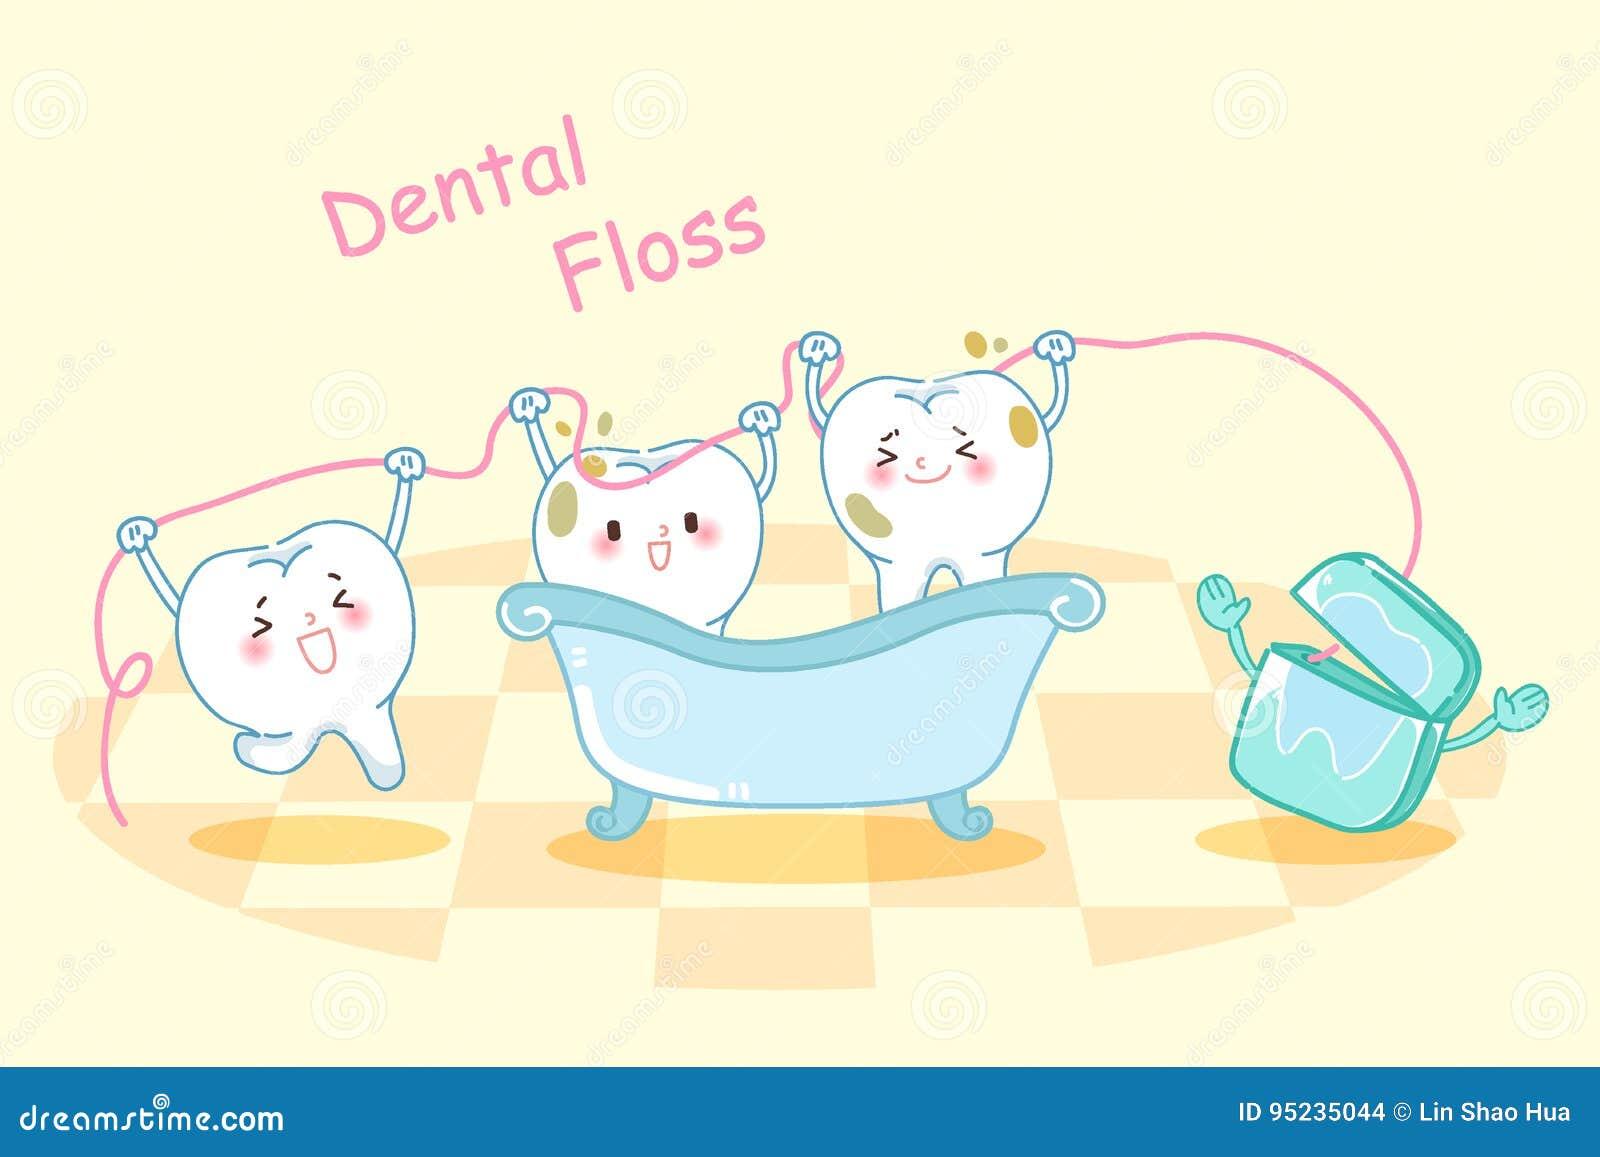 58a6a0787 Banho bonito da tomada do dente dos desenhos animados com fio dental